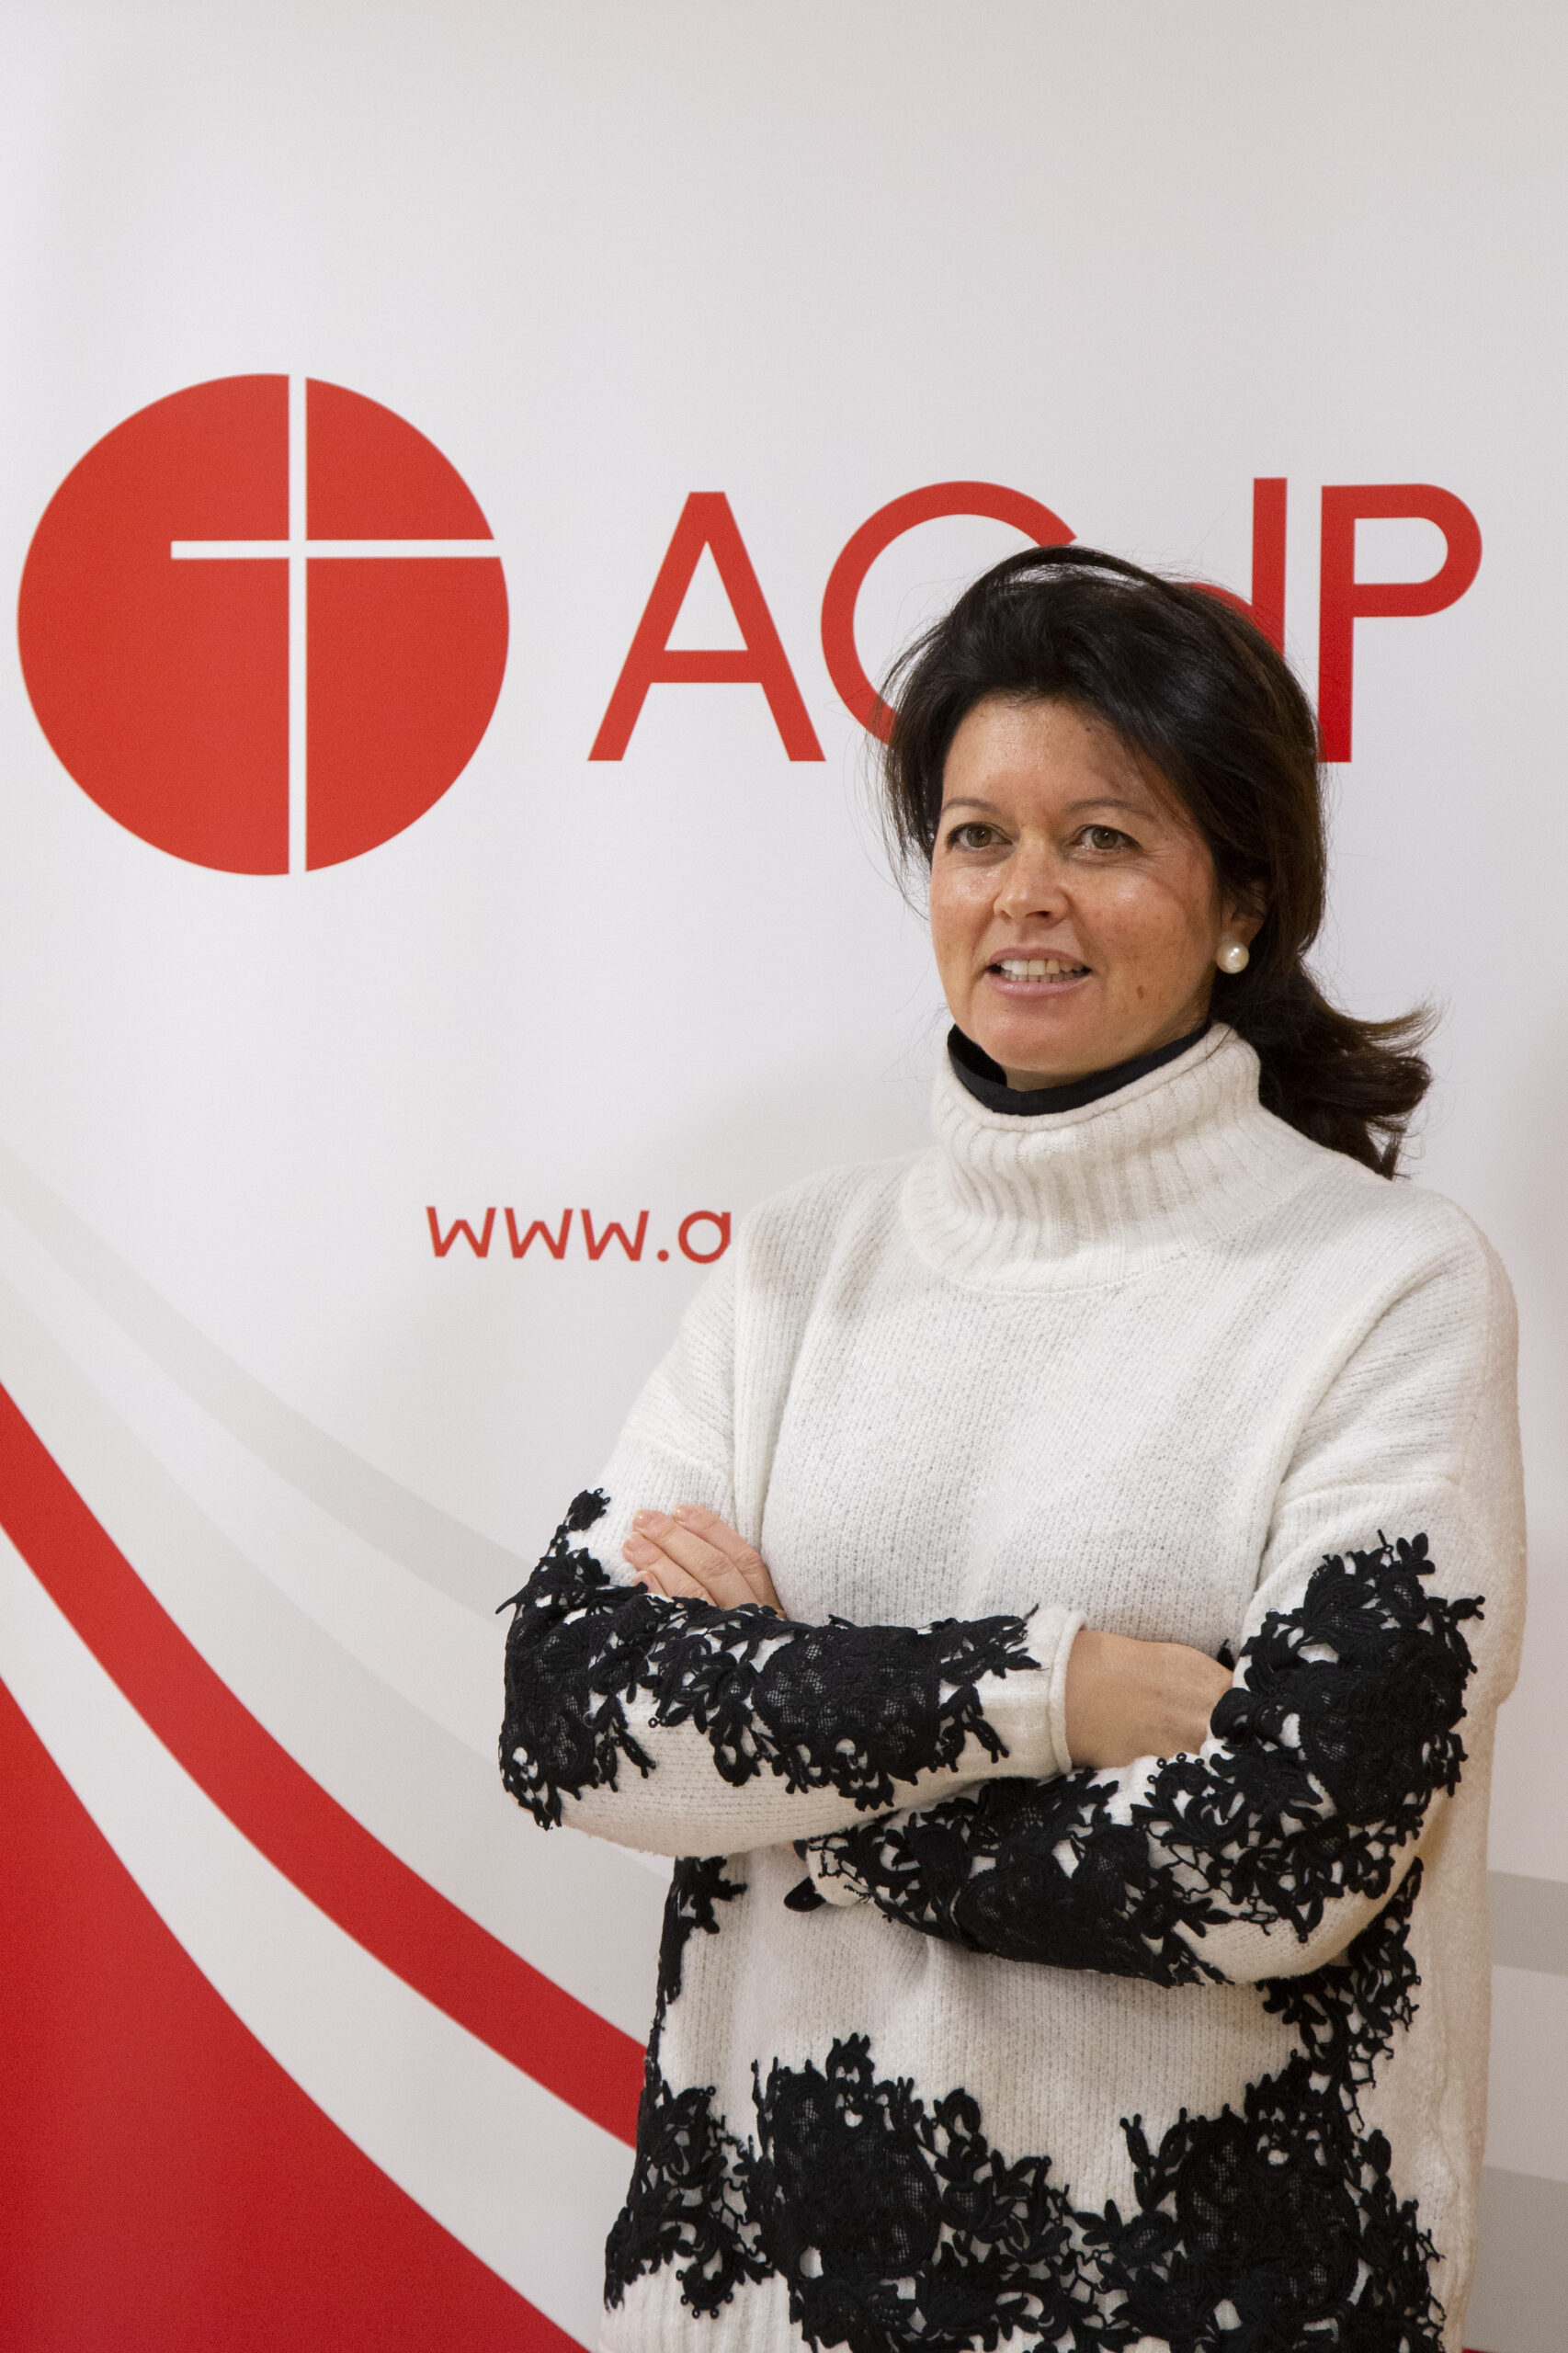 Patricia Santos Rodríguez